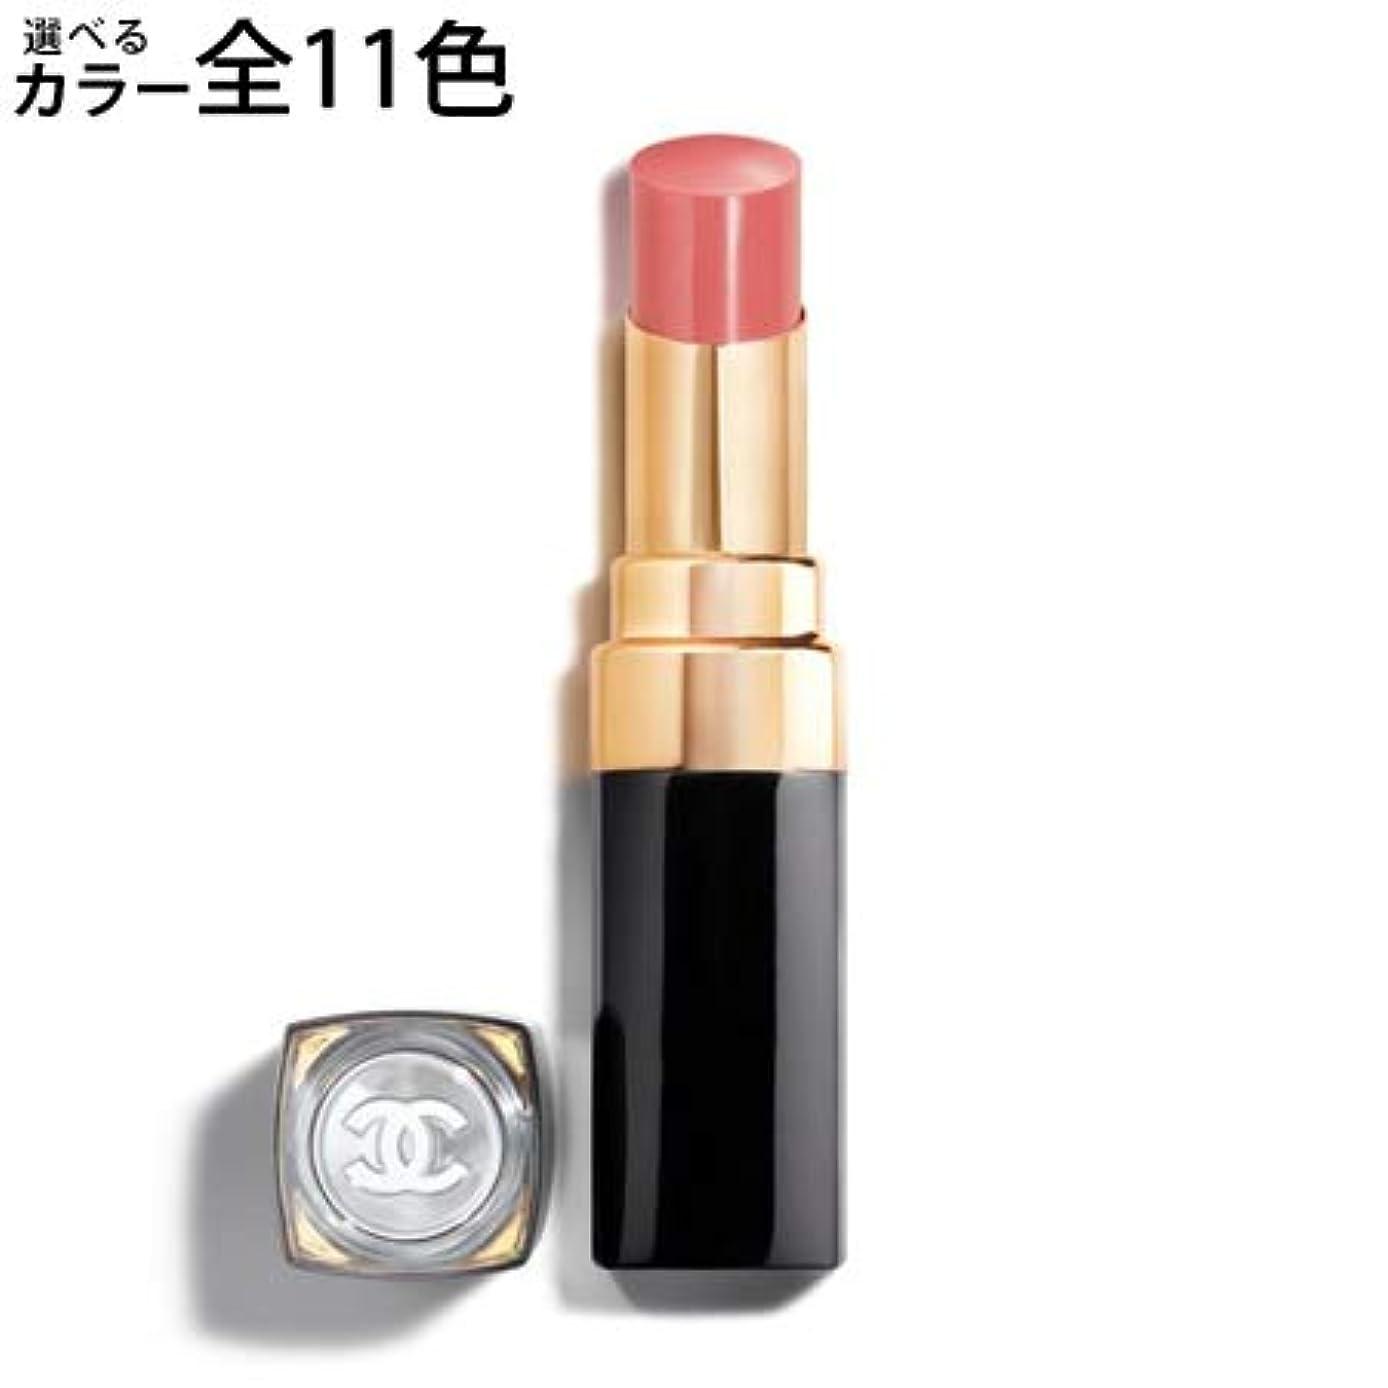 セットアップなので爆発するシャネル ルージュ ココ フラッシュ 選べる11色 -CHANEL- 102ヌワールモデルヌ